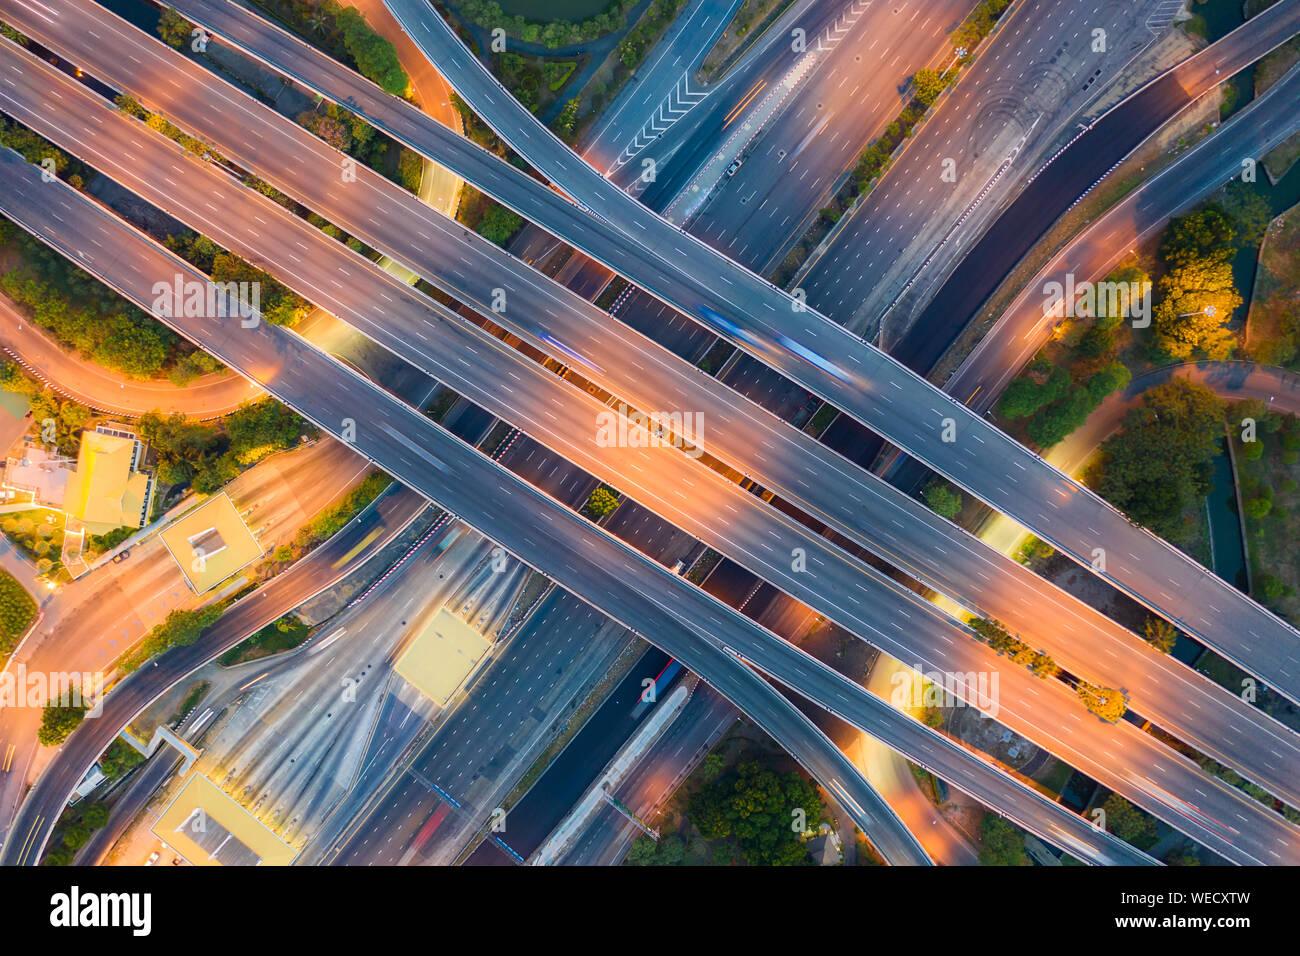 Vista aérea por encima de la autopista, los cruces de carreteras en el día. La intersección de la autopista El viaducto de la carretera de circunvalación exterior oriental de Bangkok. Foto de stock